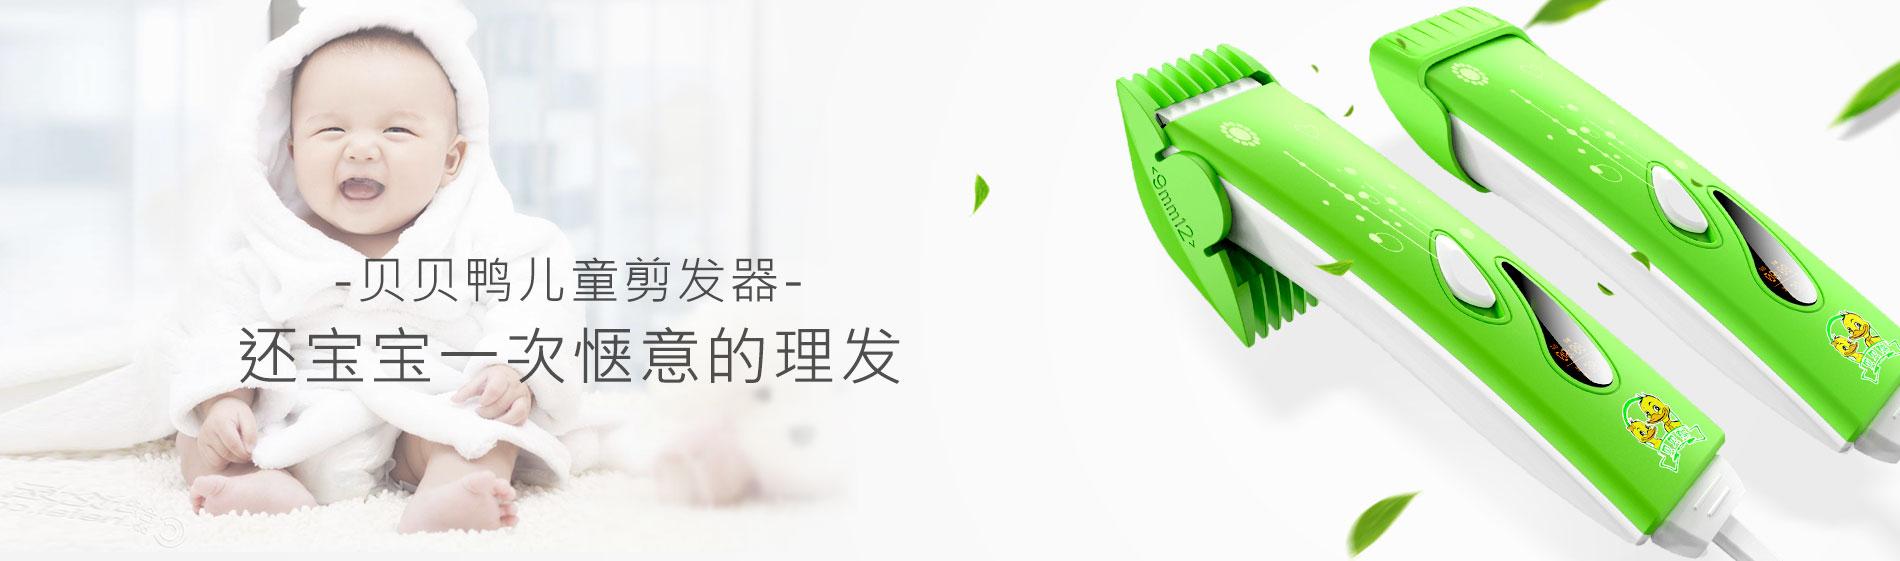 儿童理发器_产品设计-来设计